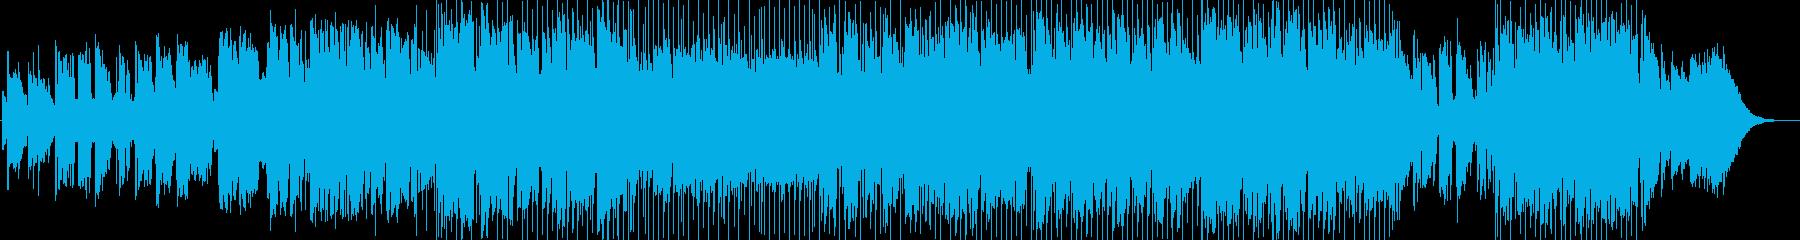 アコースティックギターのカントリーソングの再生済みの波形